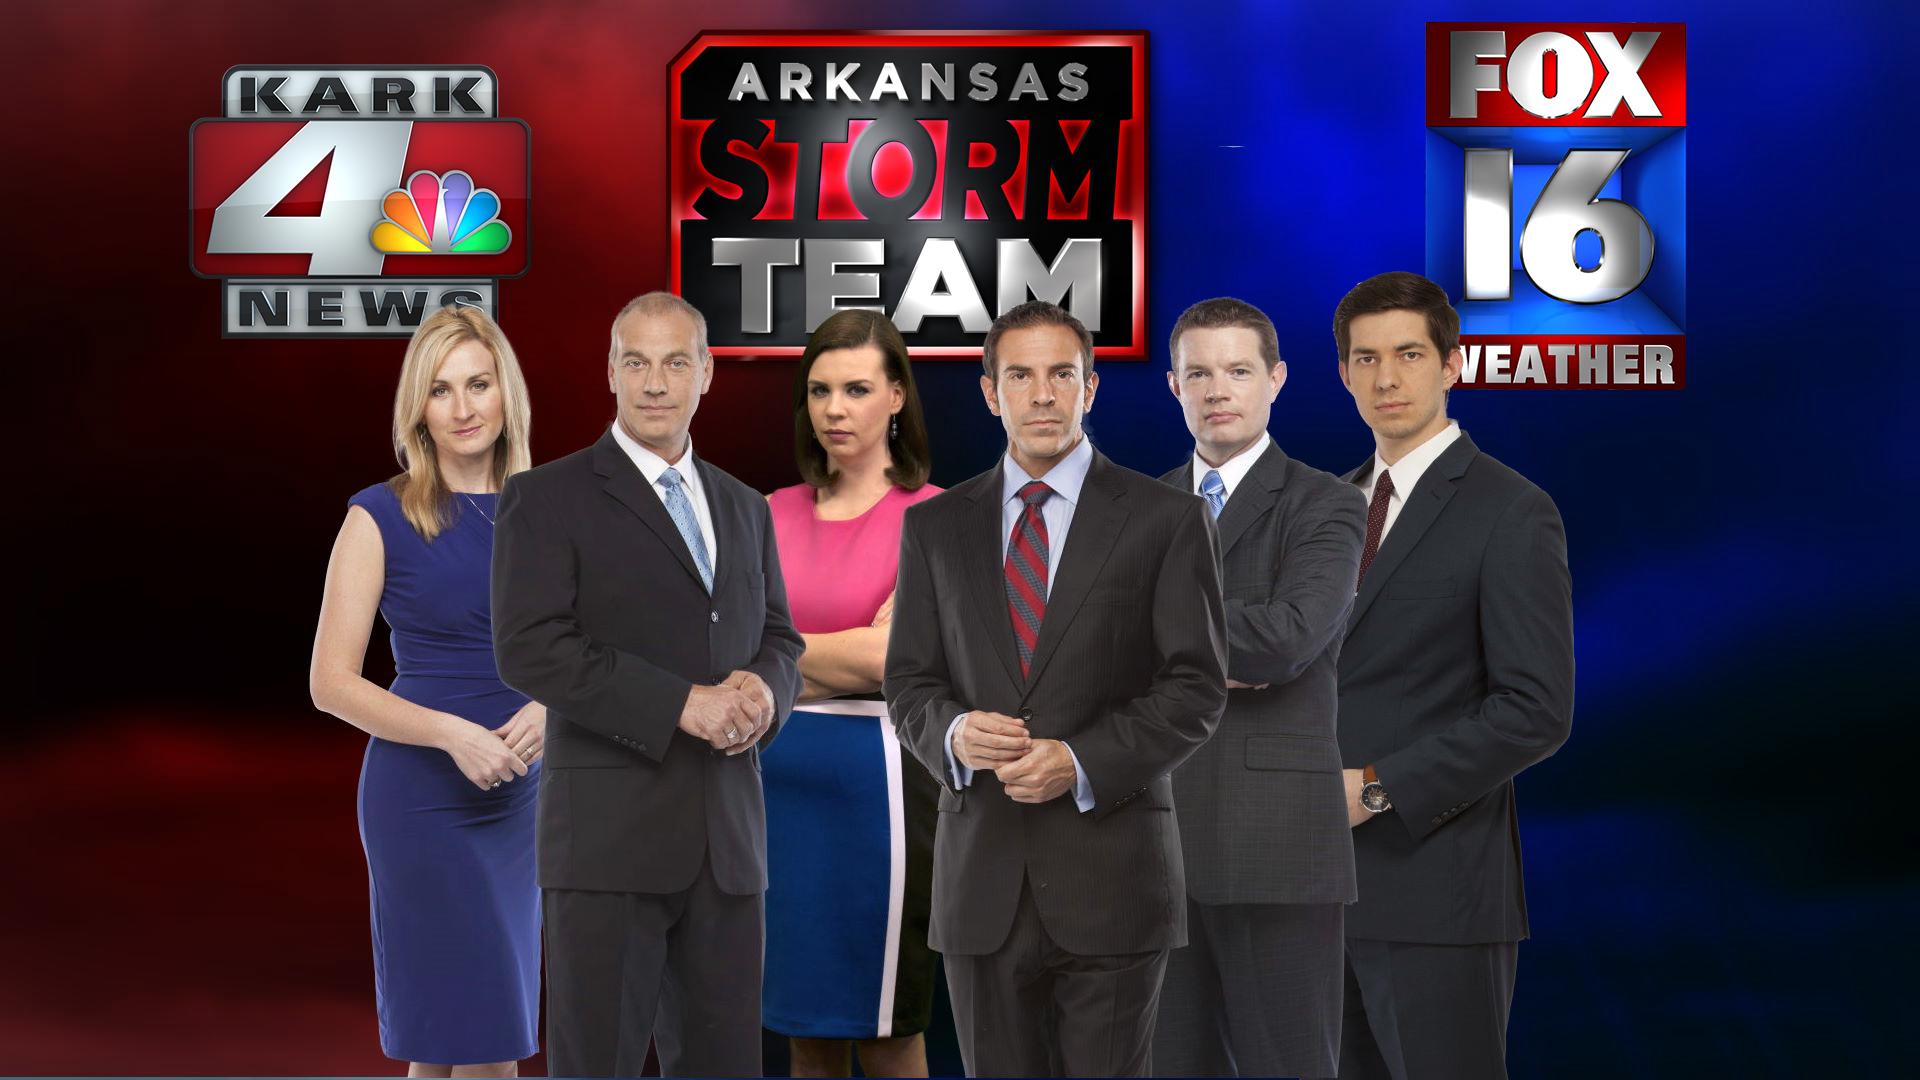 Arkansas Storm Team April 2019_1554908965730.JPG-118809306.jpg